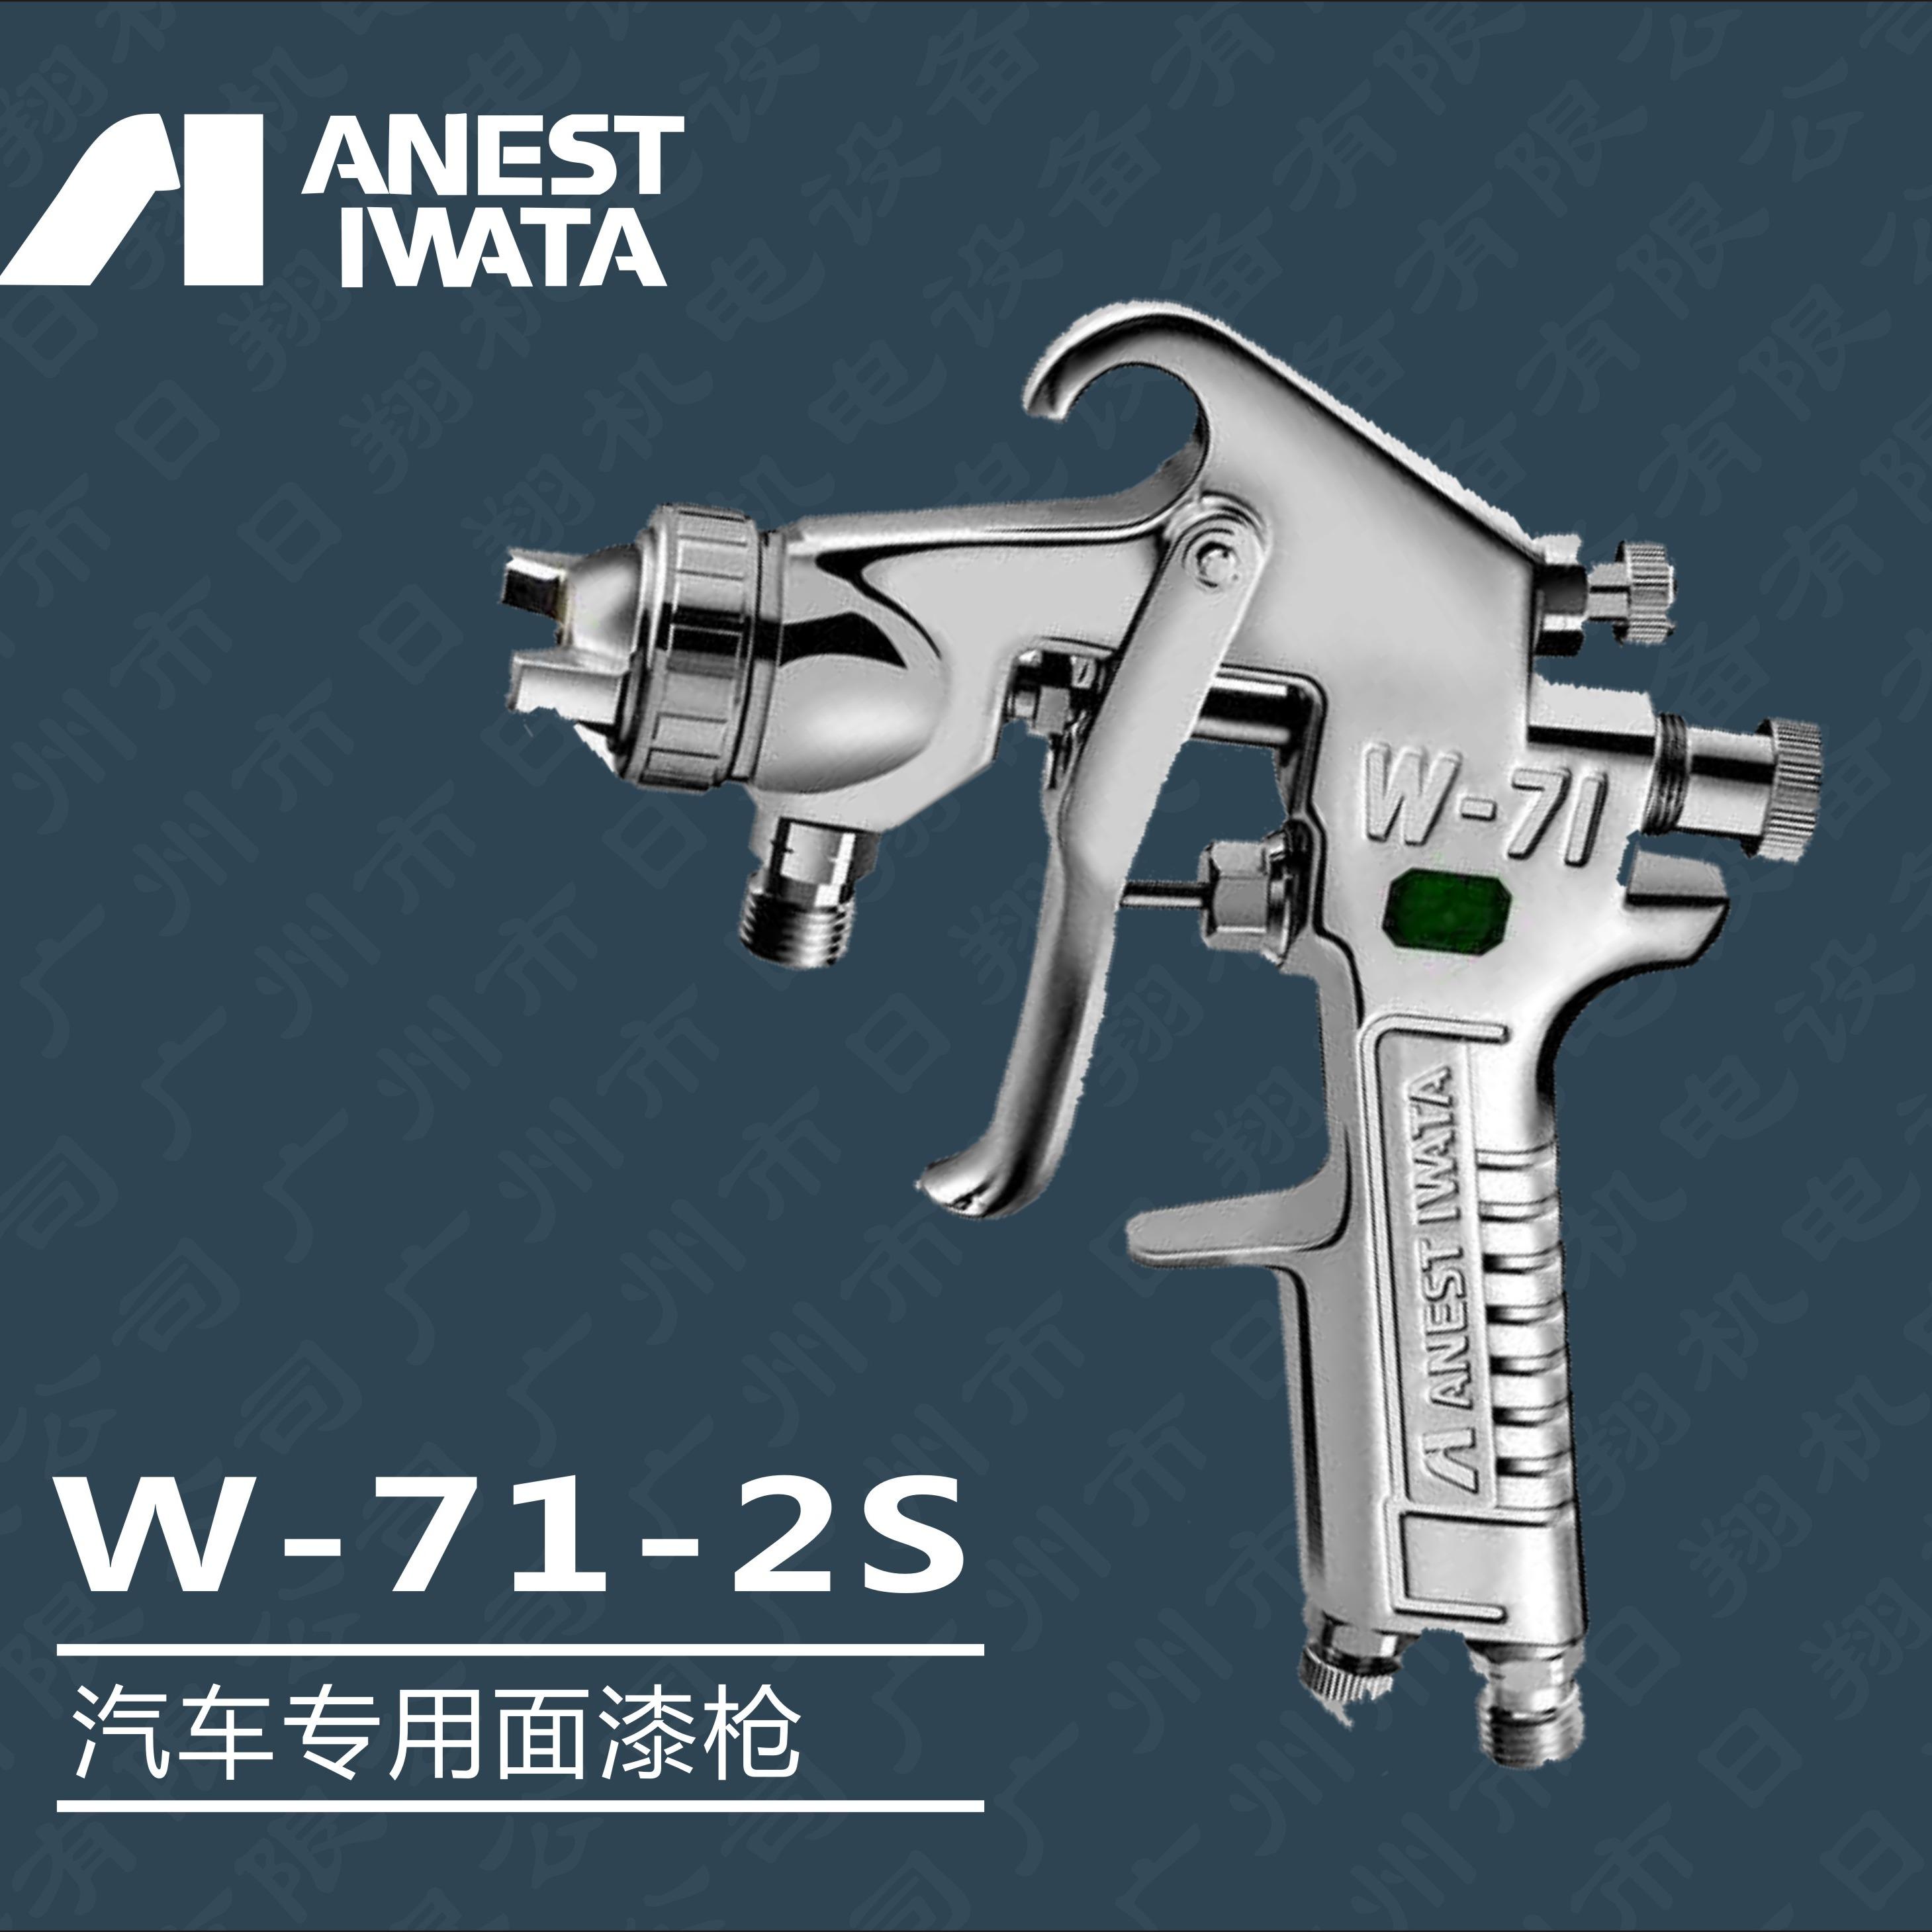 日本岩田喷枪W-71 气动工具喷漆枪家具面漆抢 汽车油漆喷枪喷壶